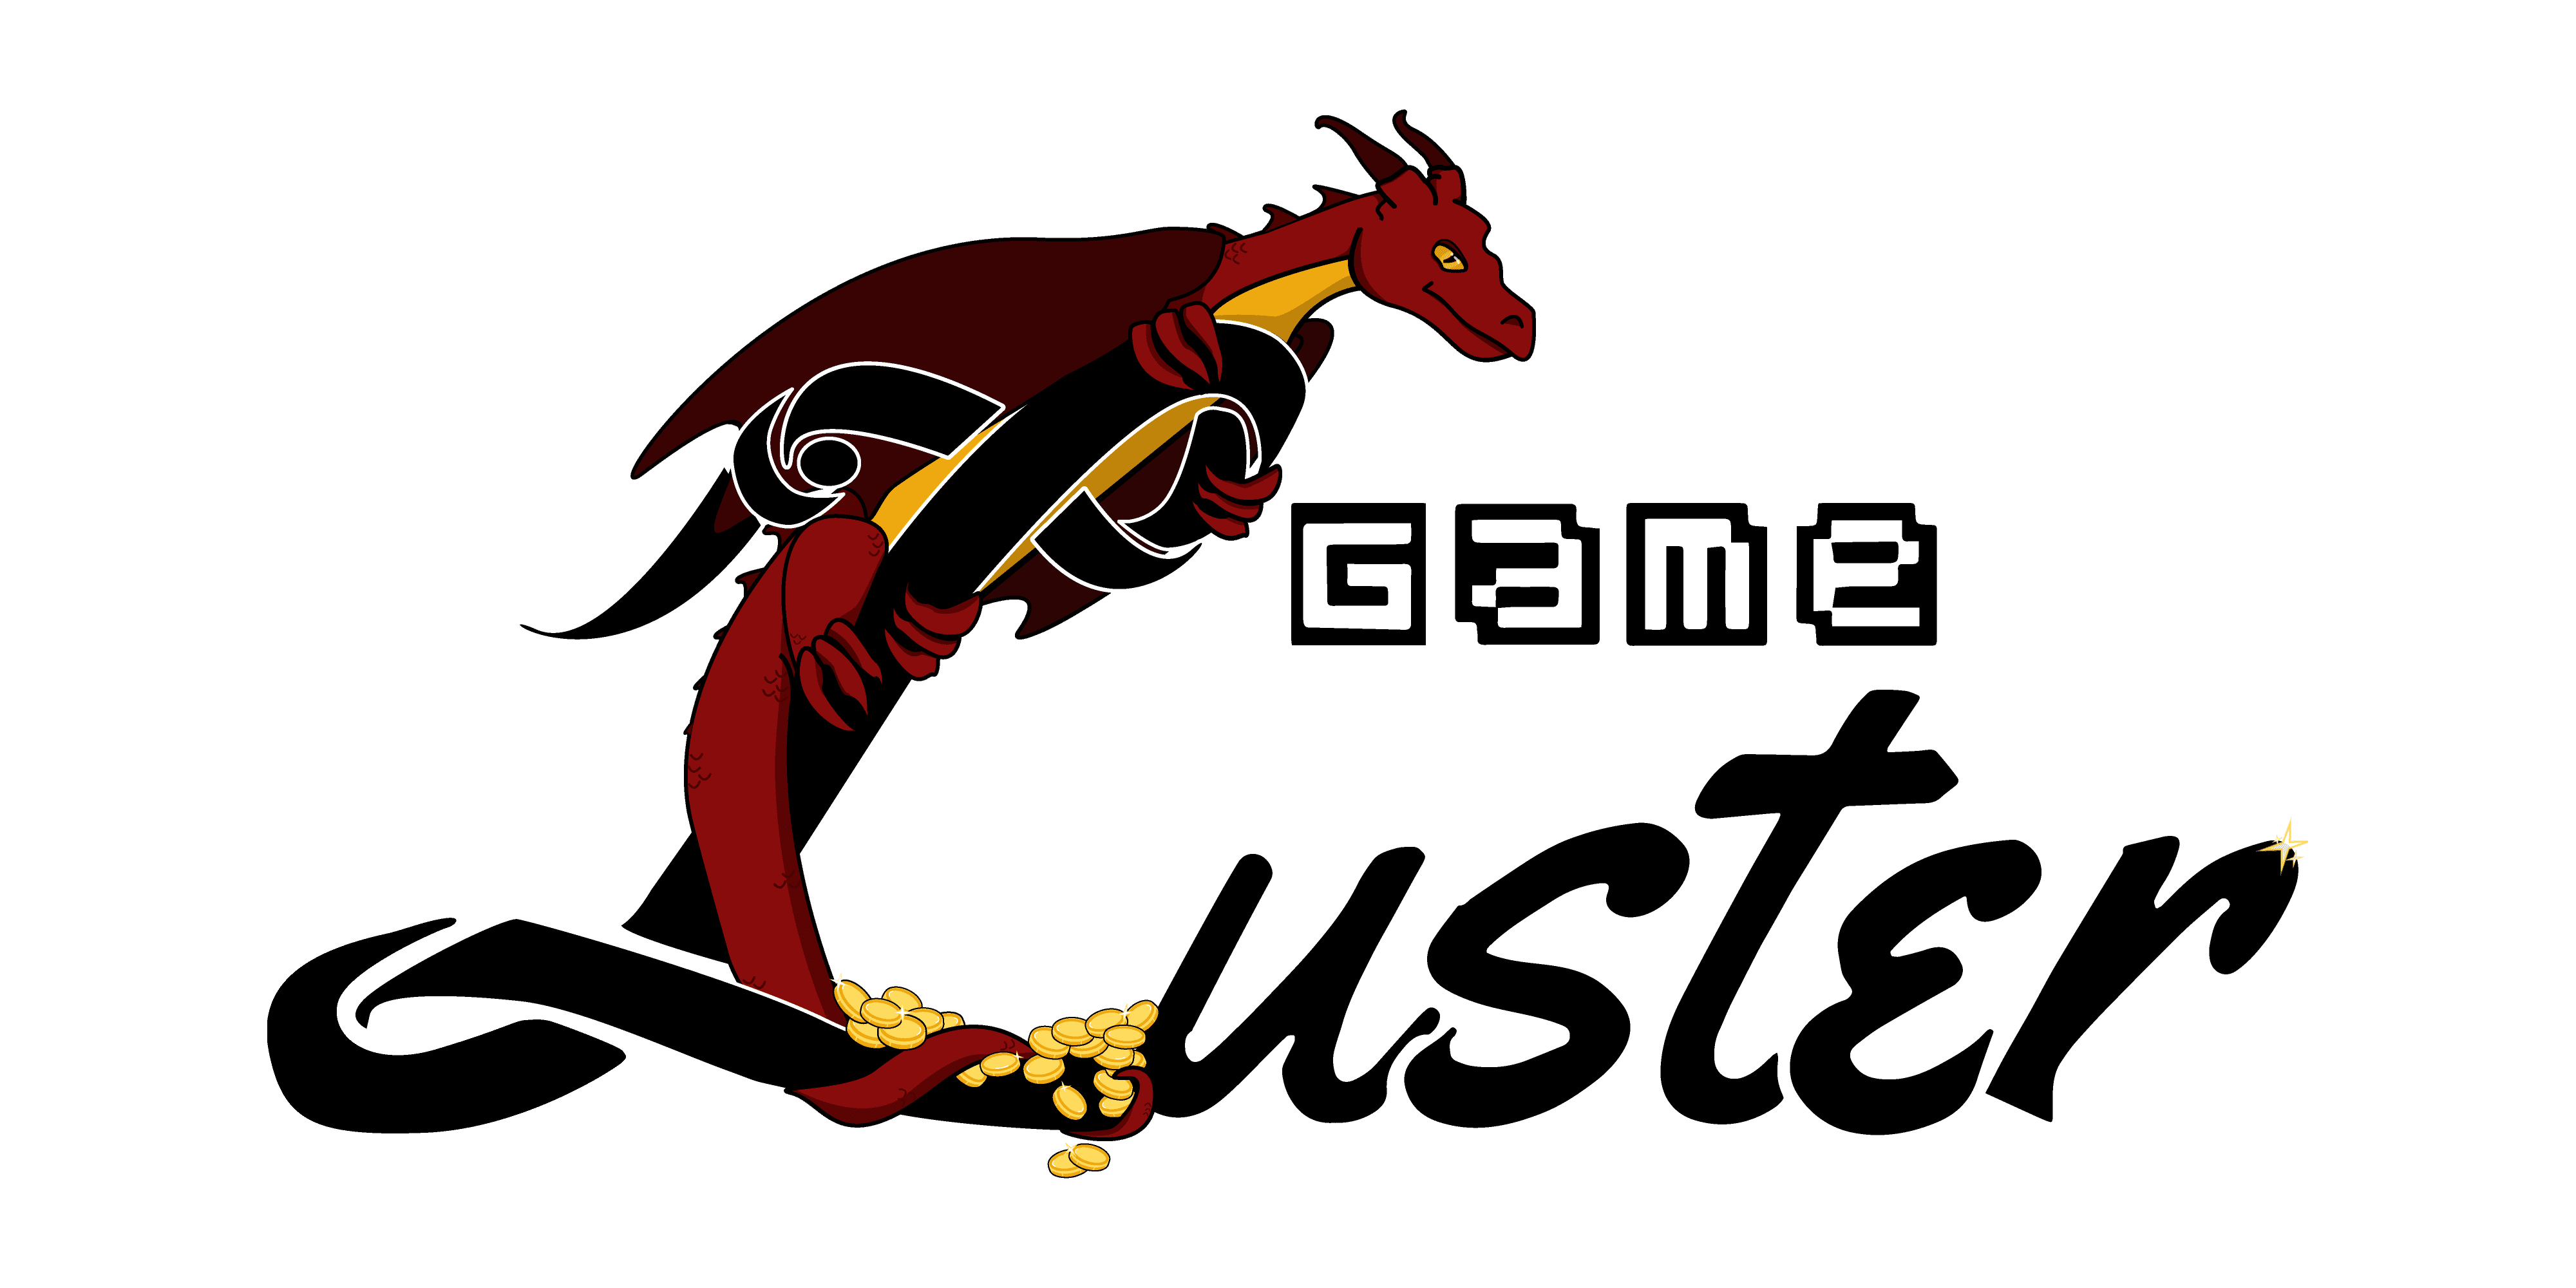 GameLuster